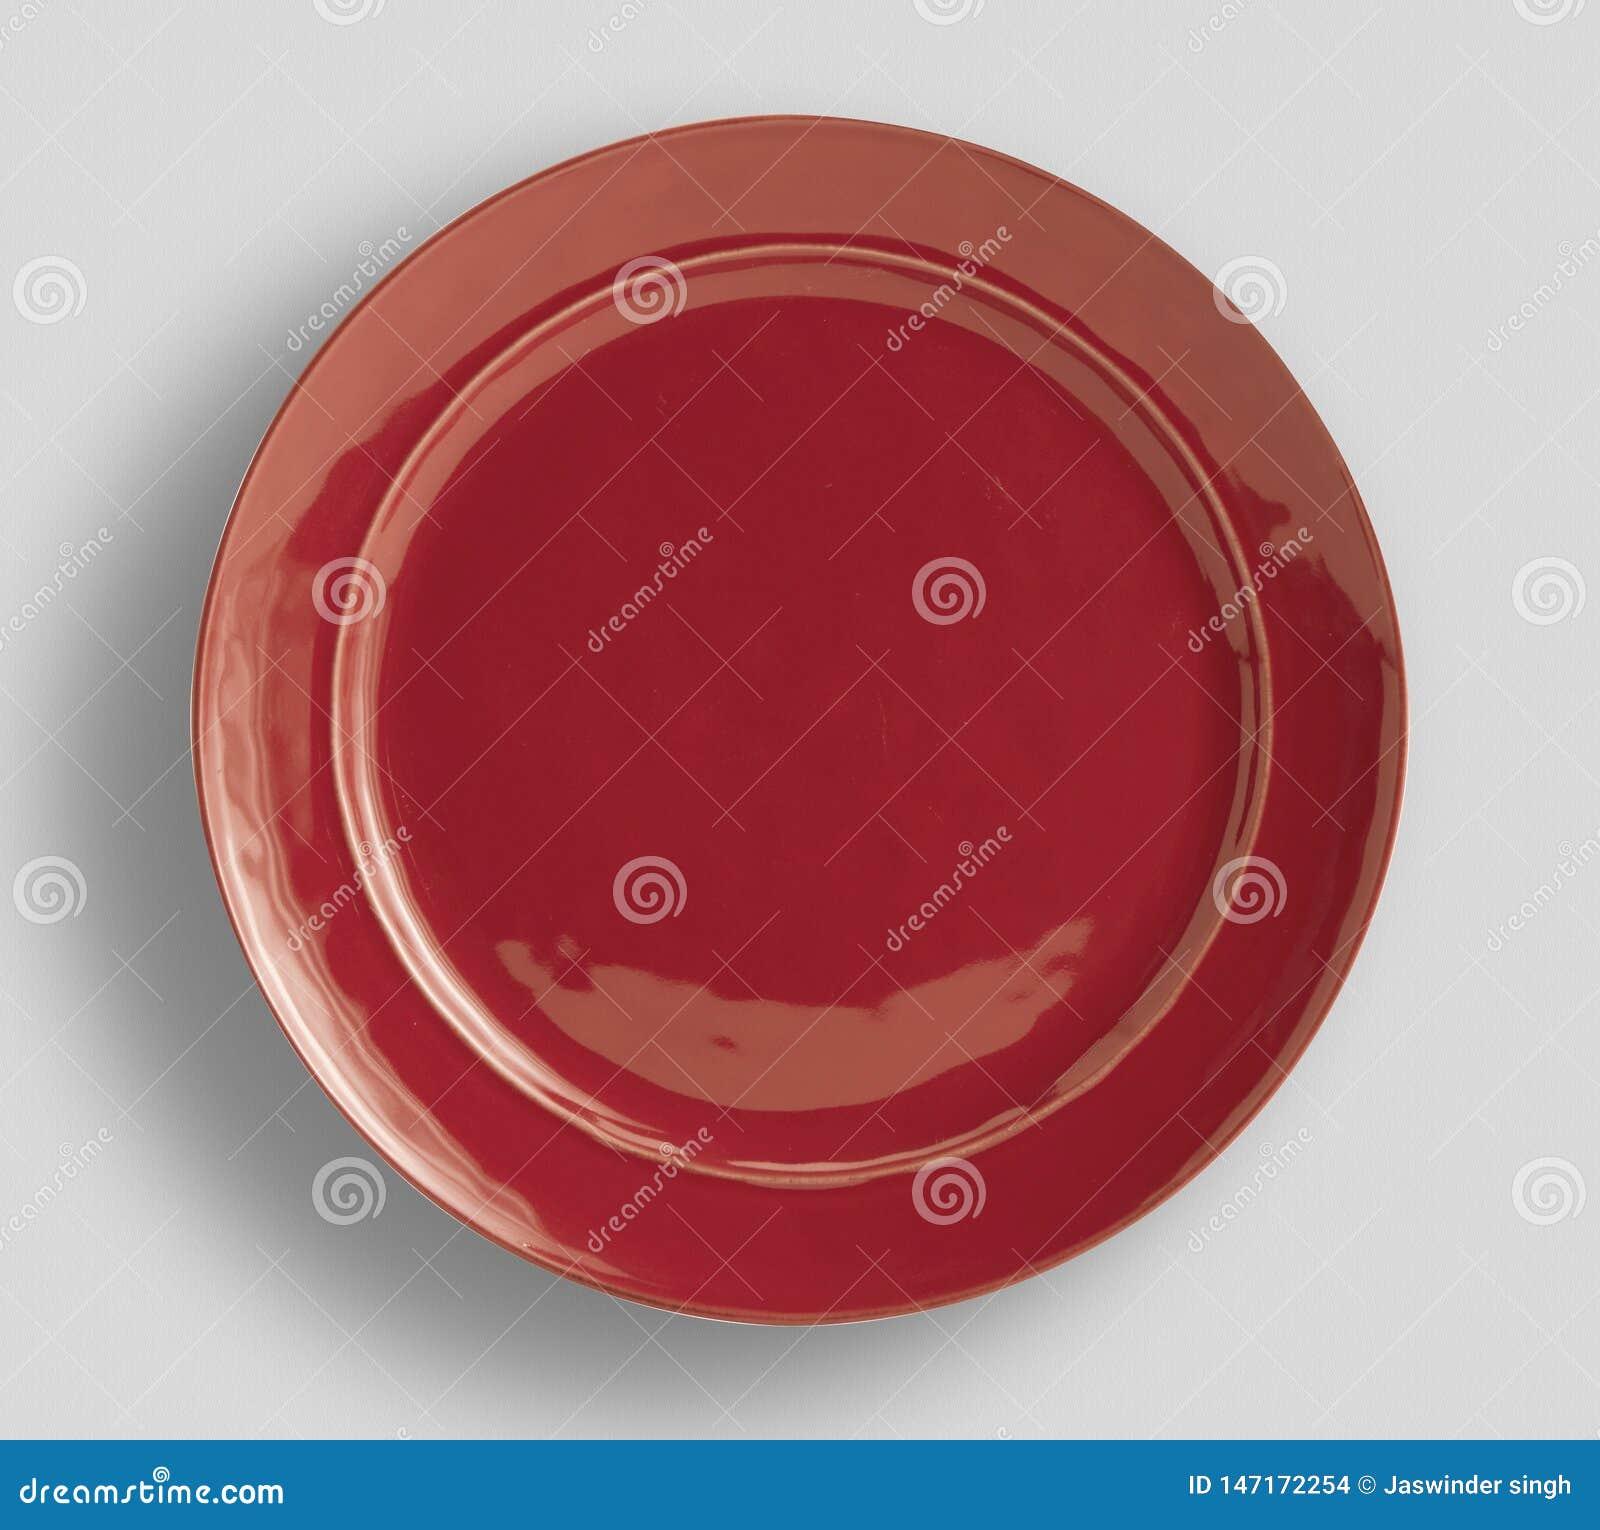 Plat rouge sur le fond blanc - image